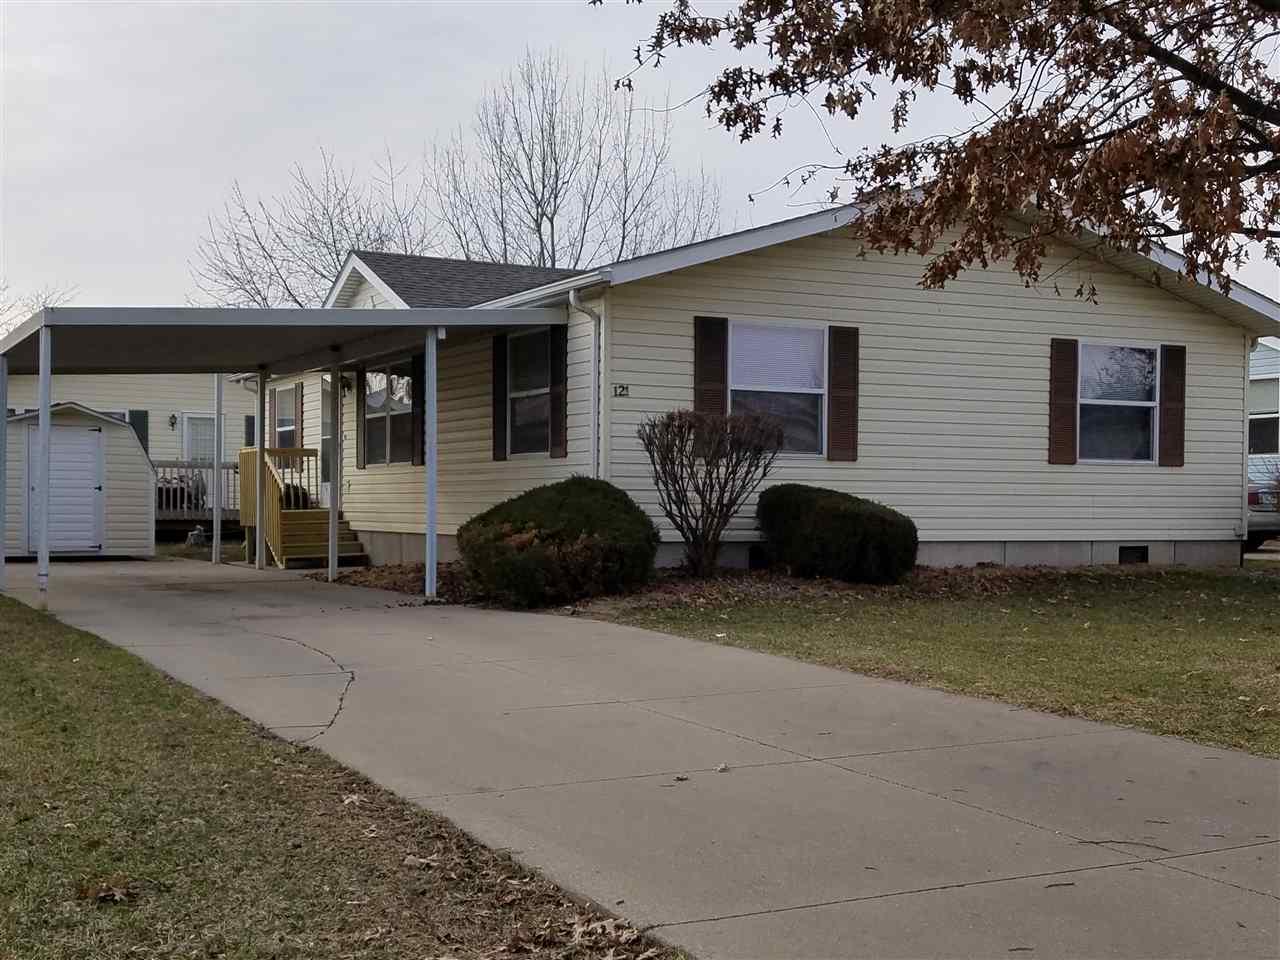 121 Polopony Court, Iowa City, IA 52240